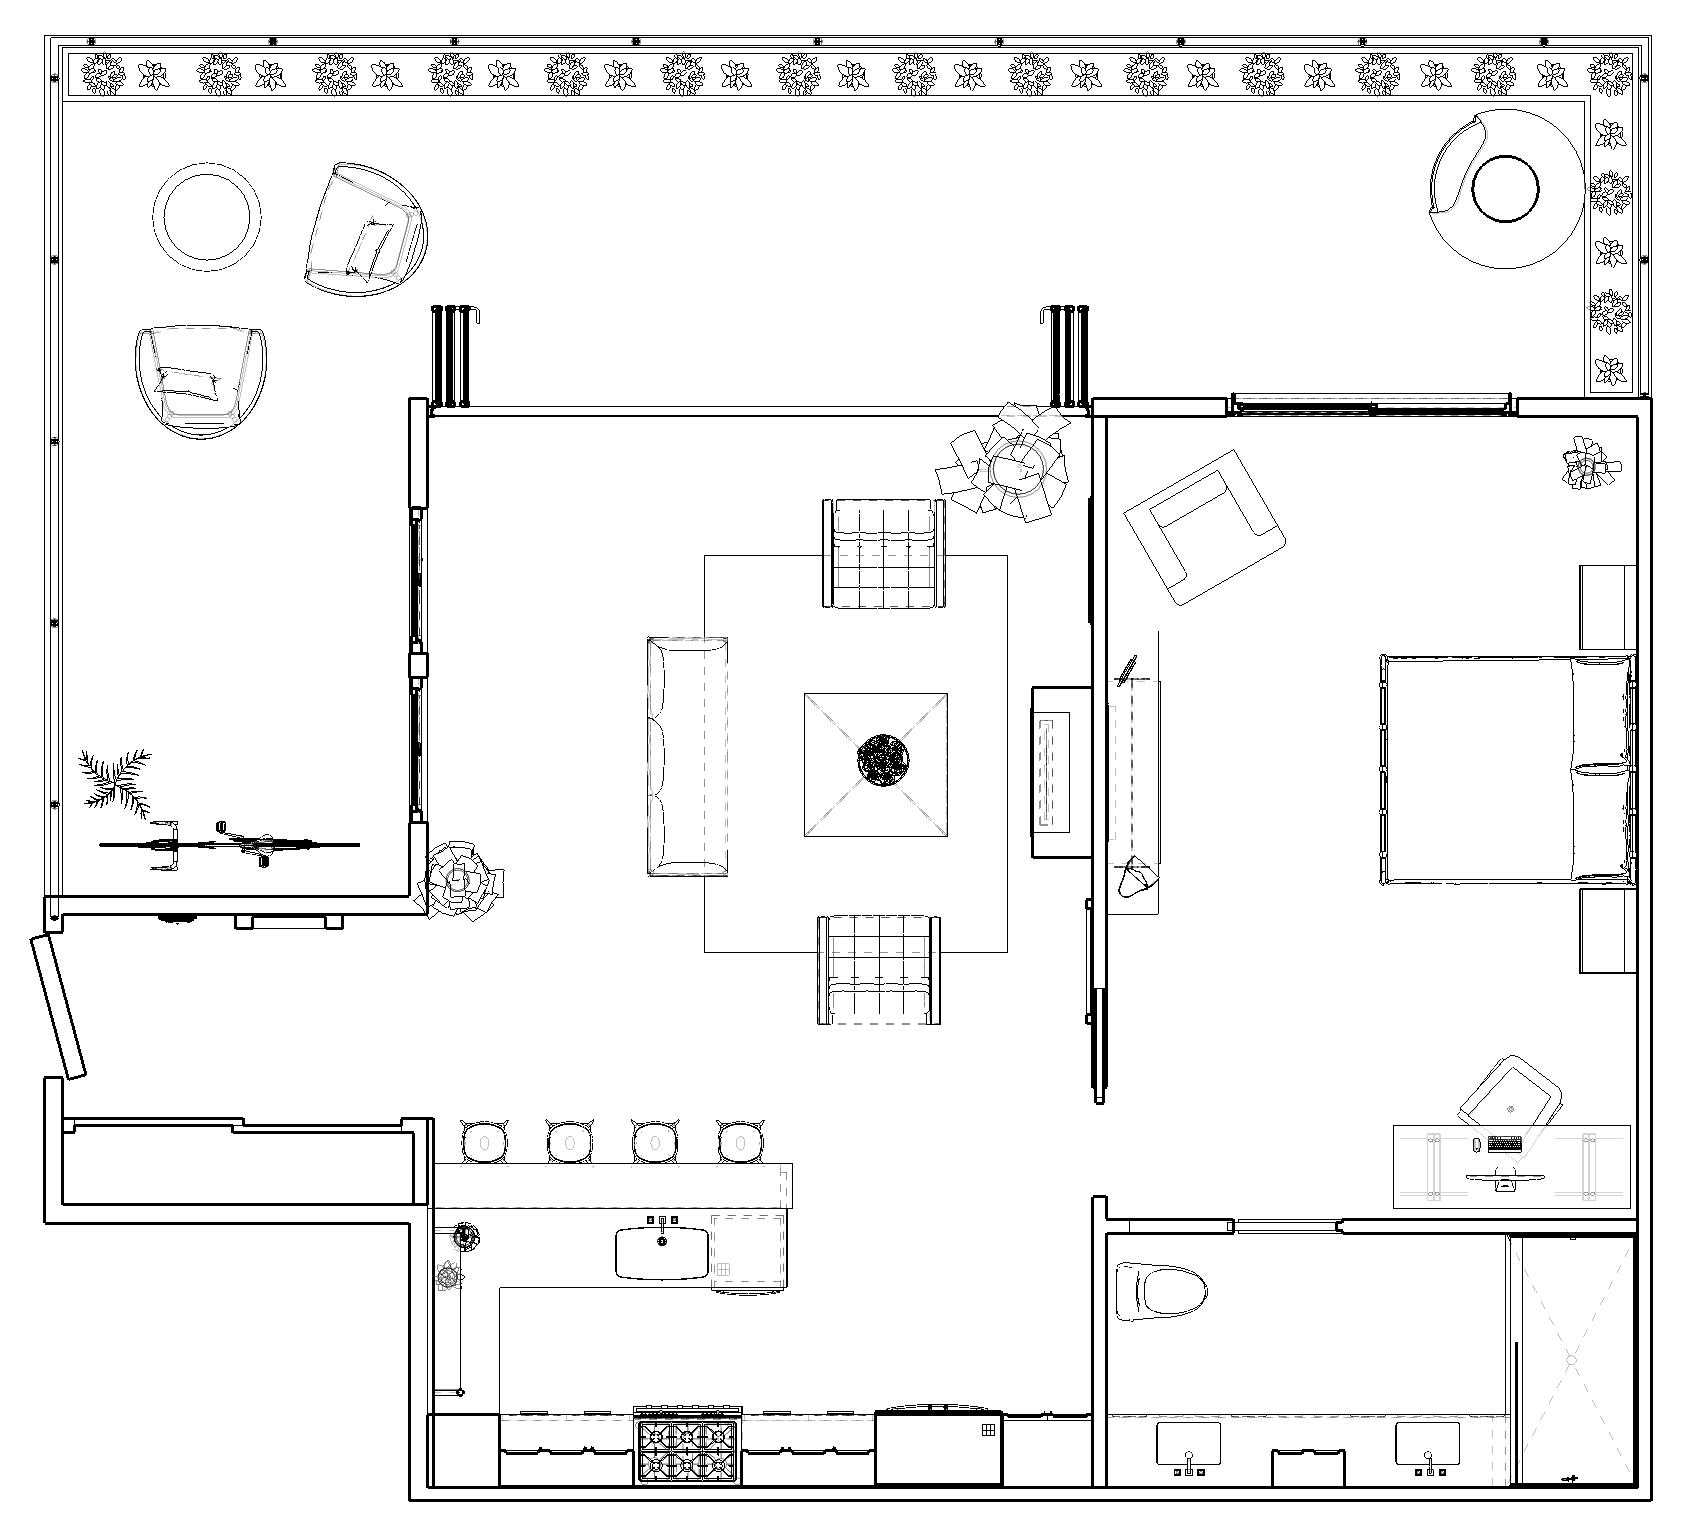 Floor Plan in SketchUp